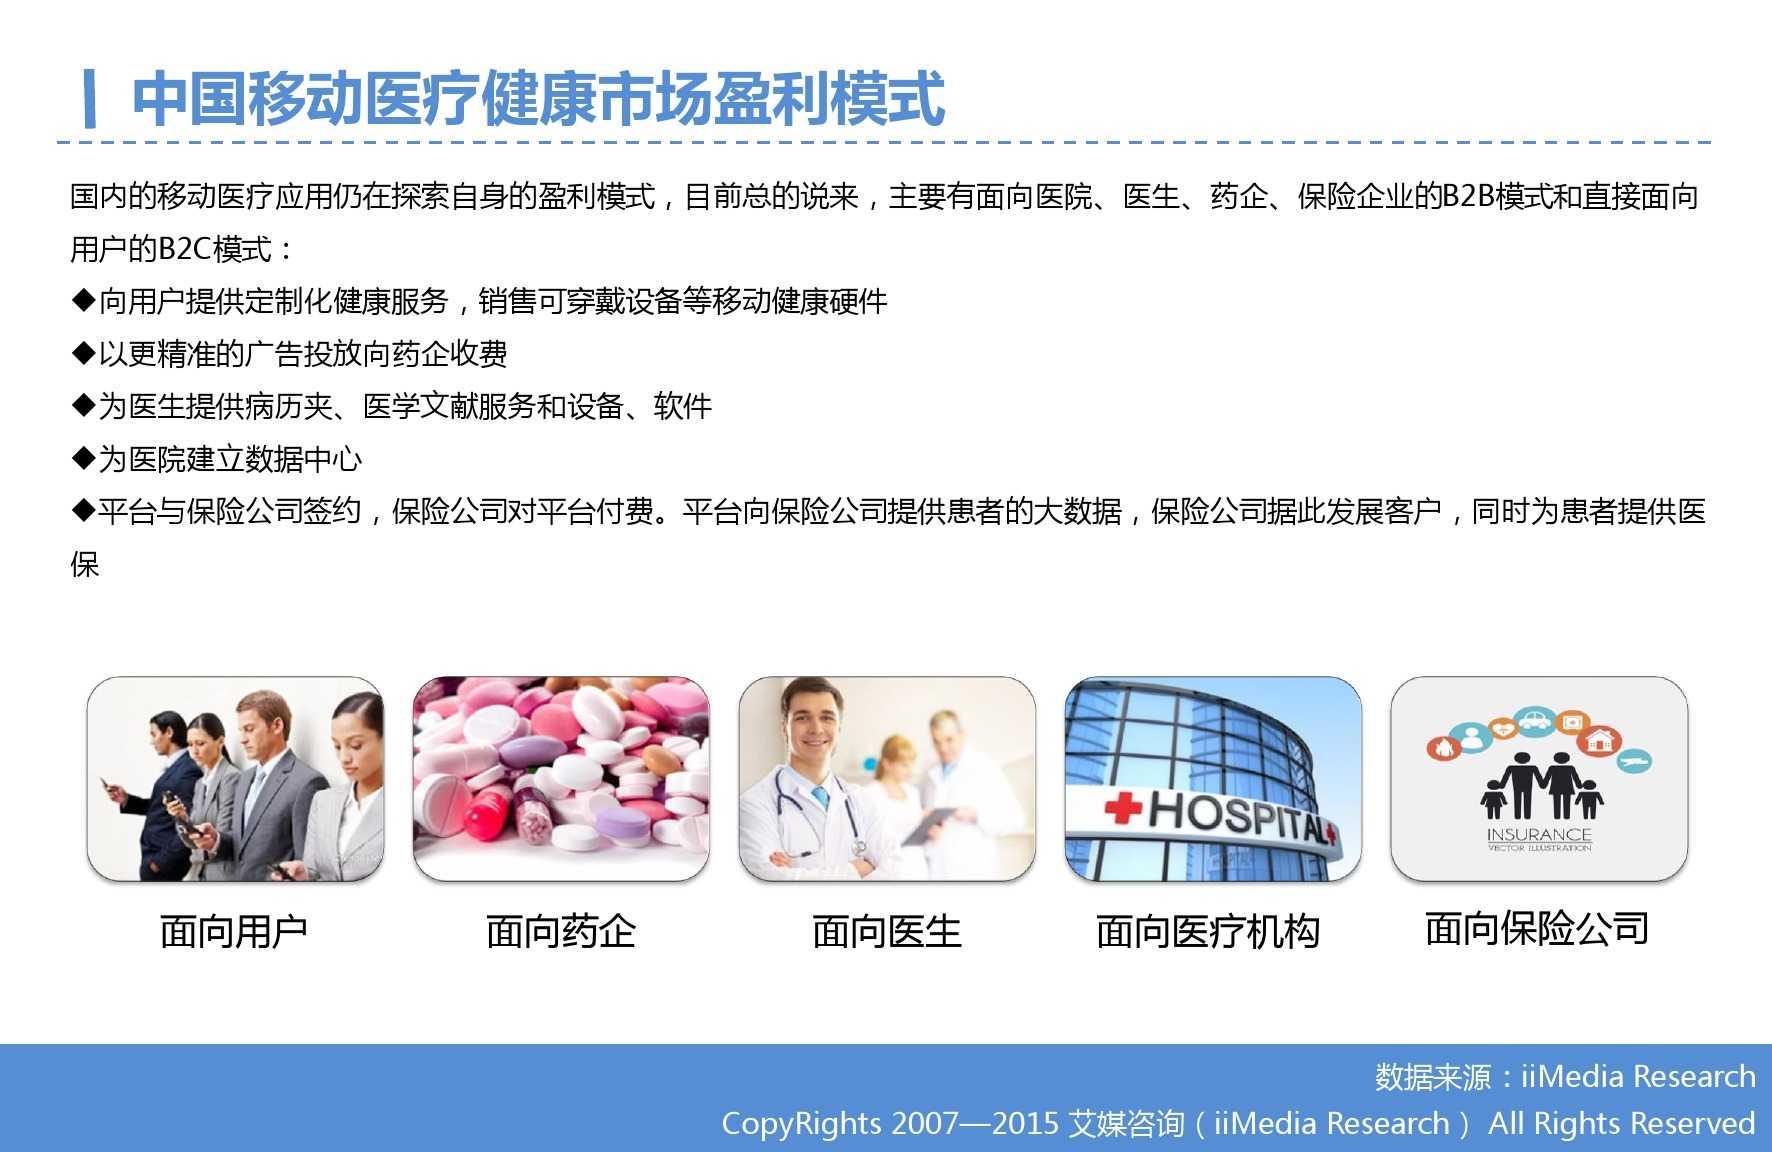 2015年Q3中国移动医疗健康市场监测报告_000012